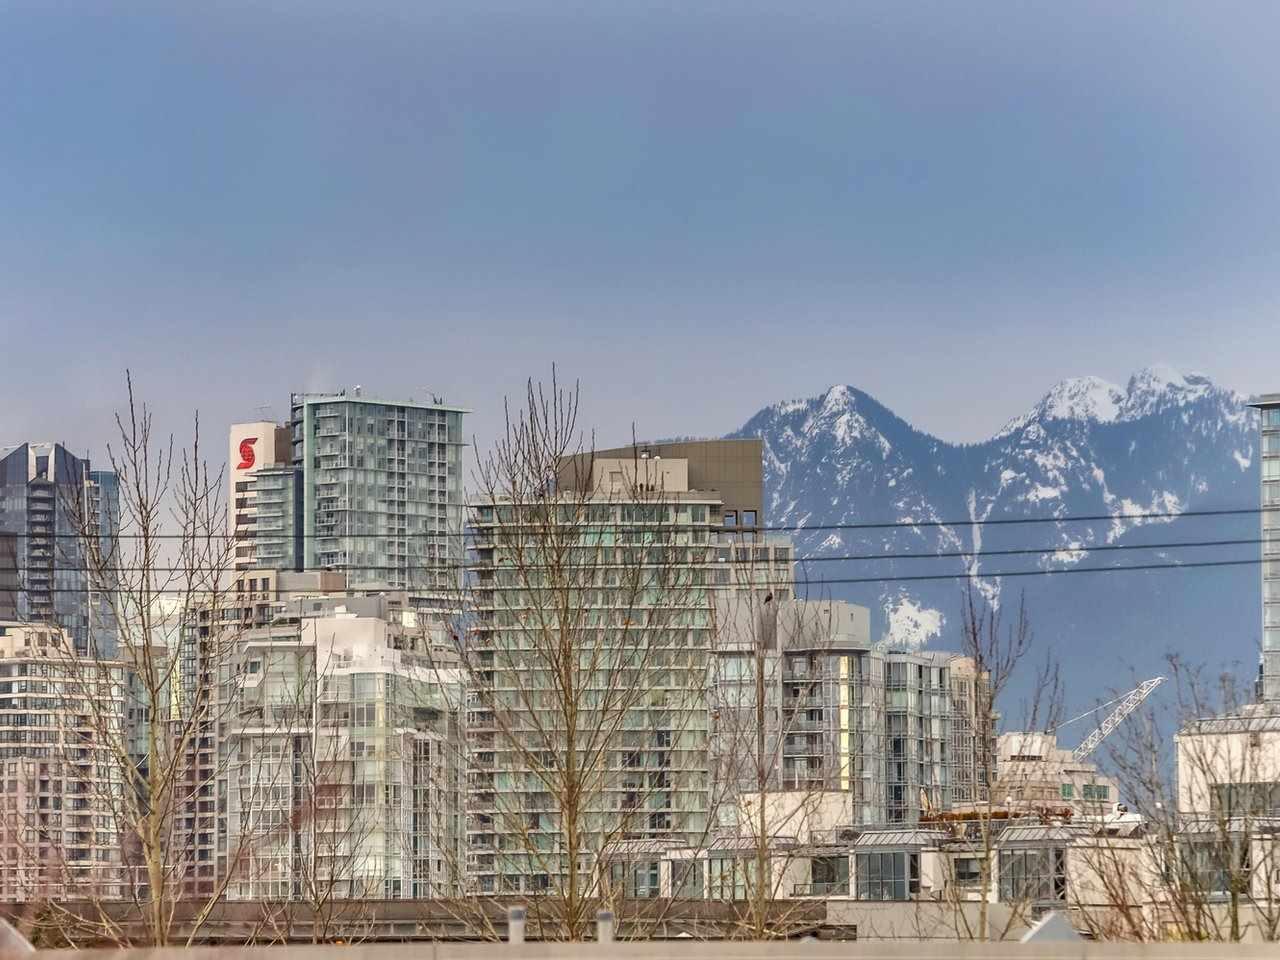 Buliding: 643 West 7th Avenue, Vancouver, BC